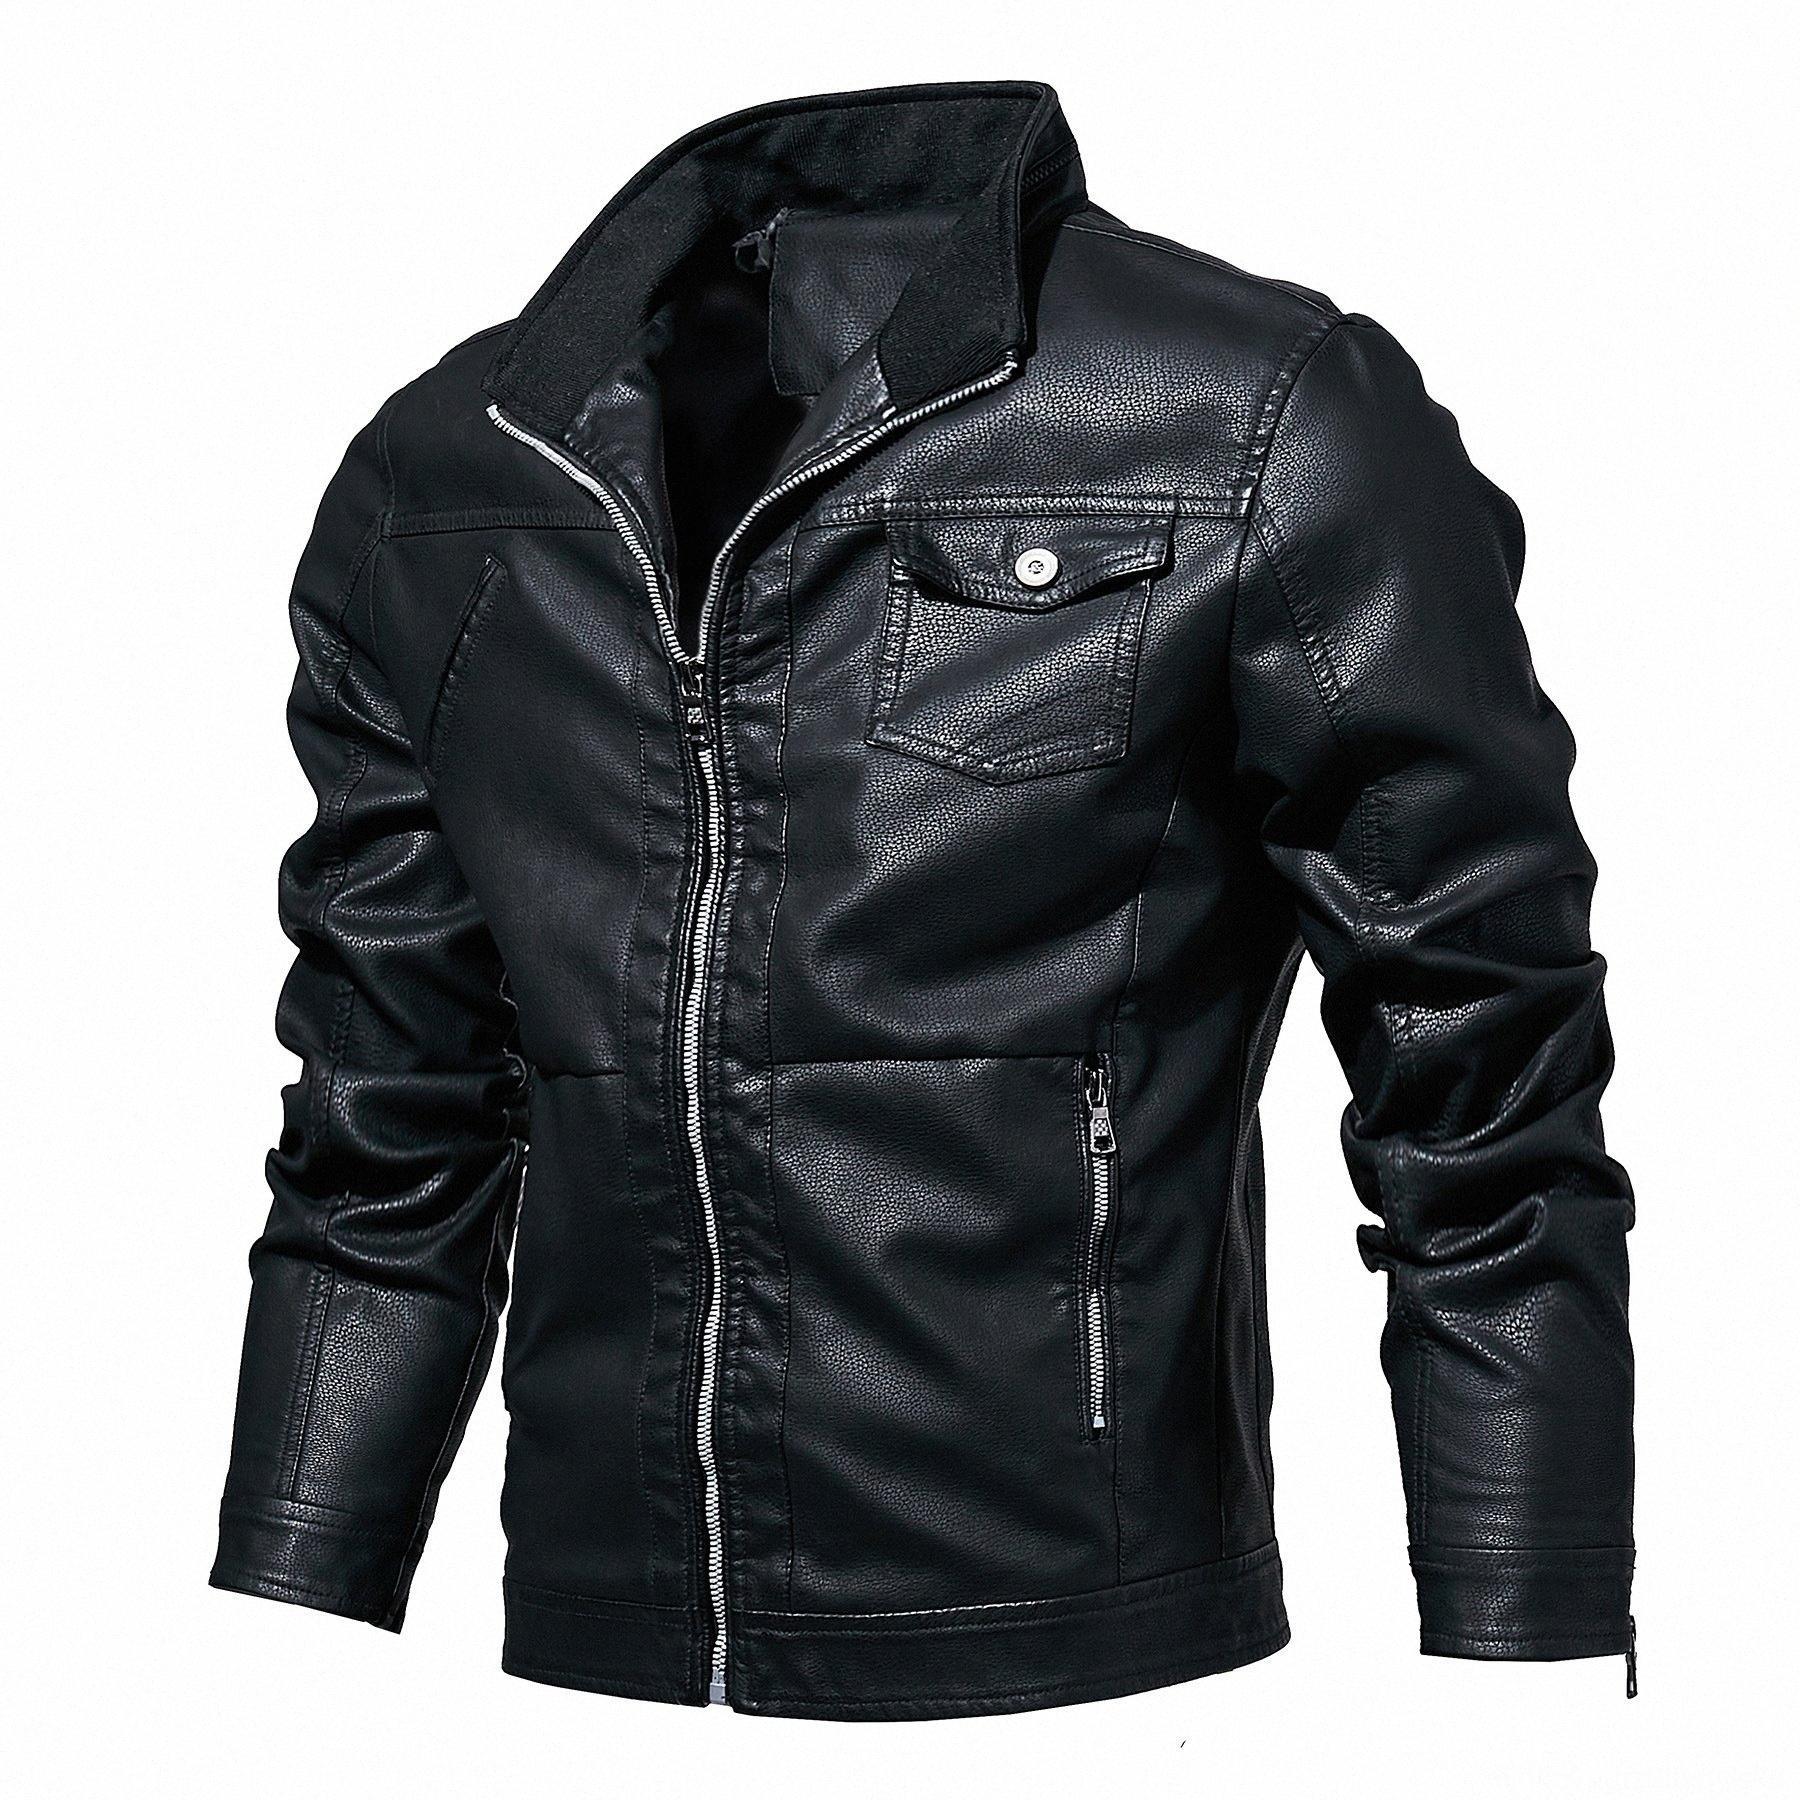 Весна и Верхняя одежда Пальто Мужская одежда осень Новый стиль Mens Кожа PU Mens однослойные кожаные куртки eKgm #